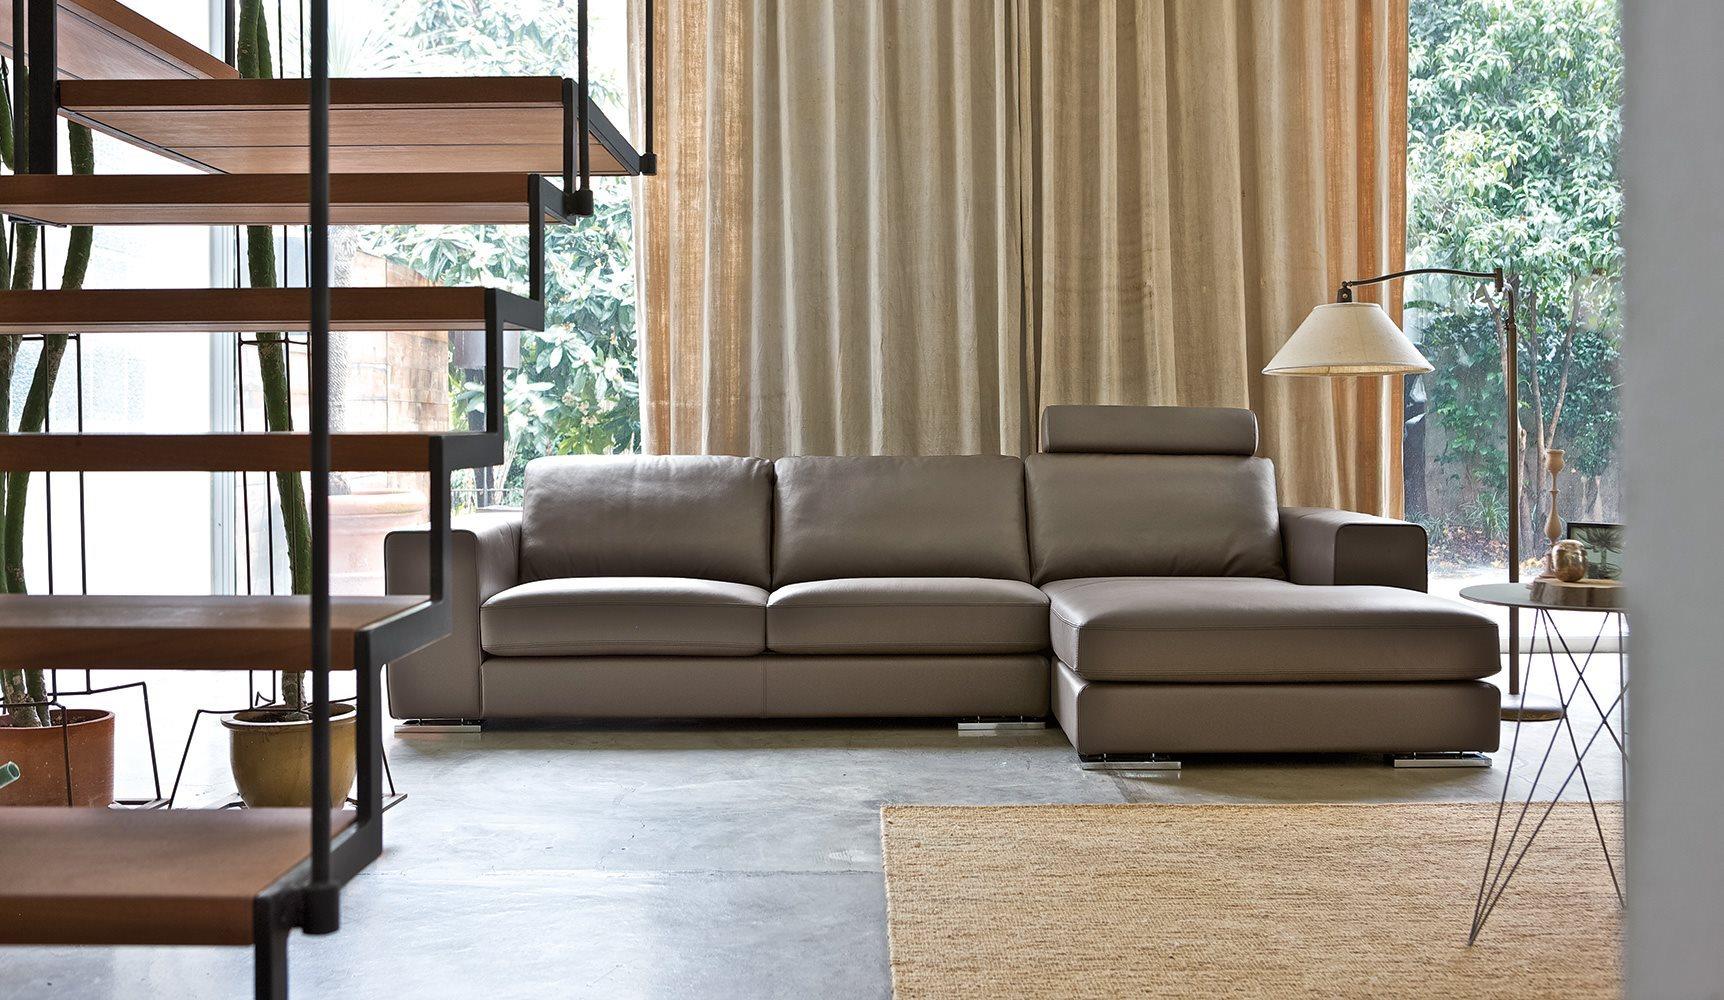 Manhattan divano alberta made in italy cosma arredamenti for Cosma arredamenti